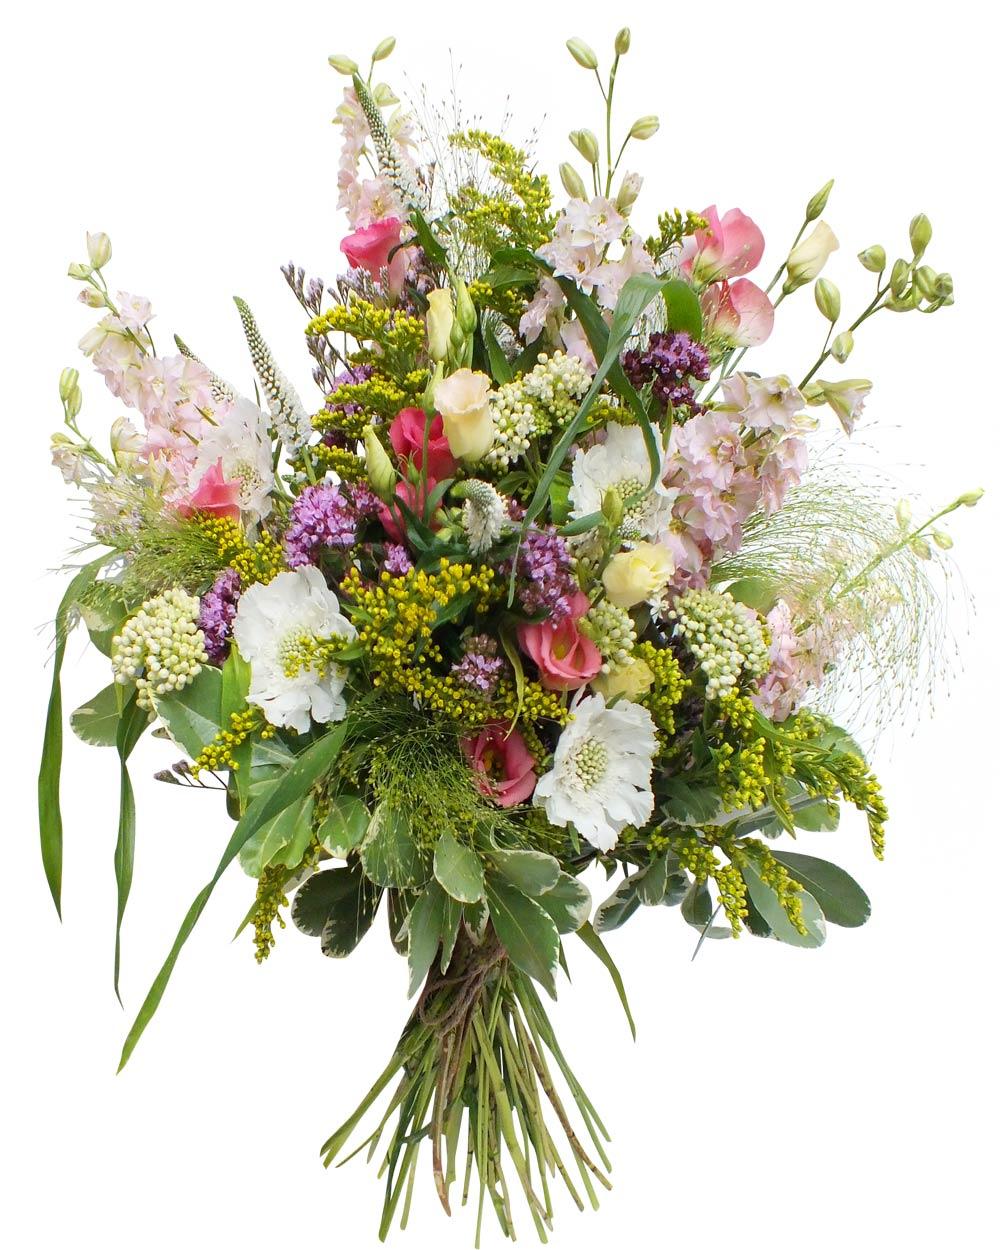 Les fleurs du fleuriste bouquet isatis for Fleuriste fleurs